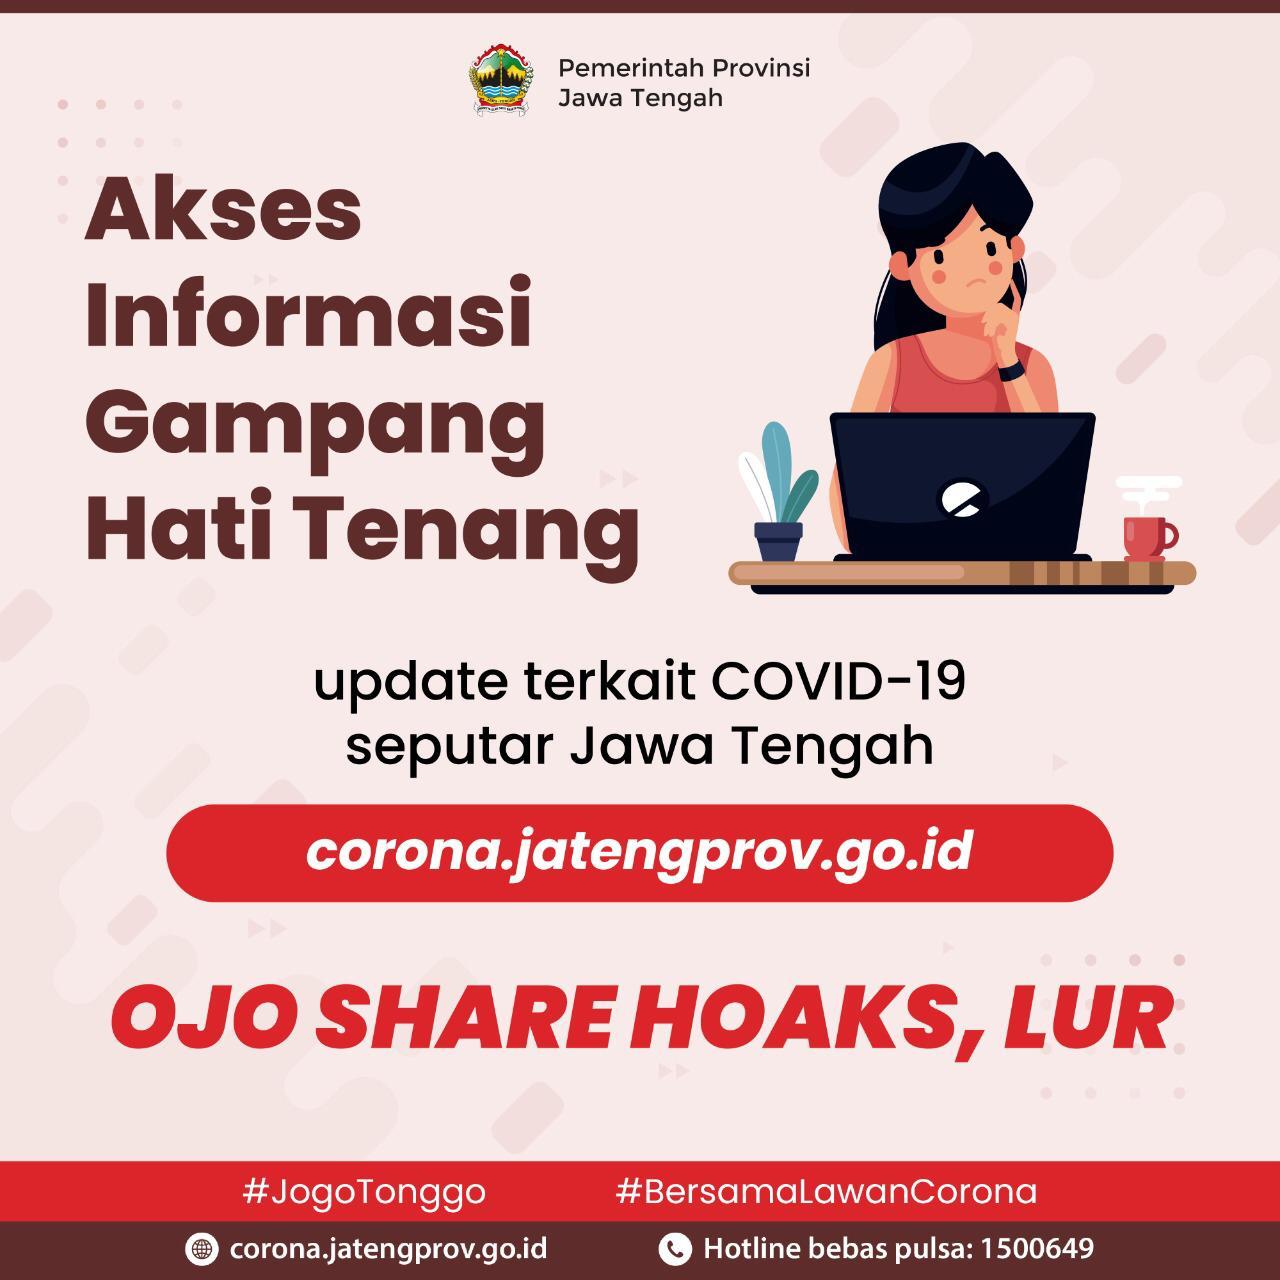 Akses Informasi